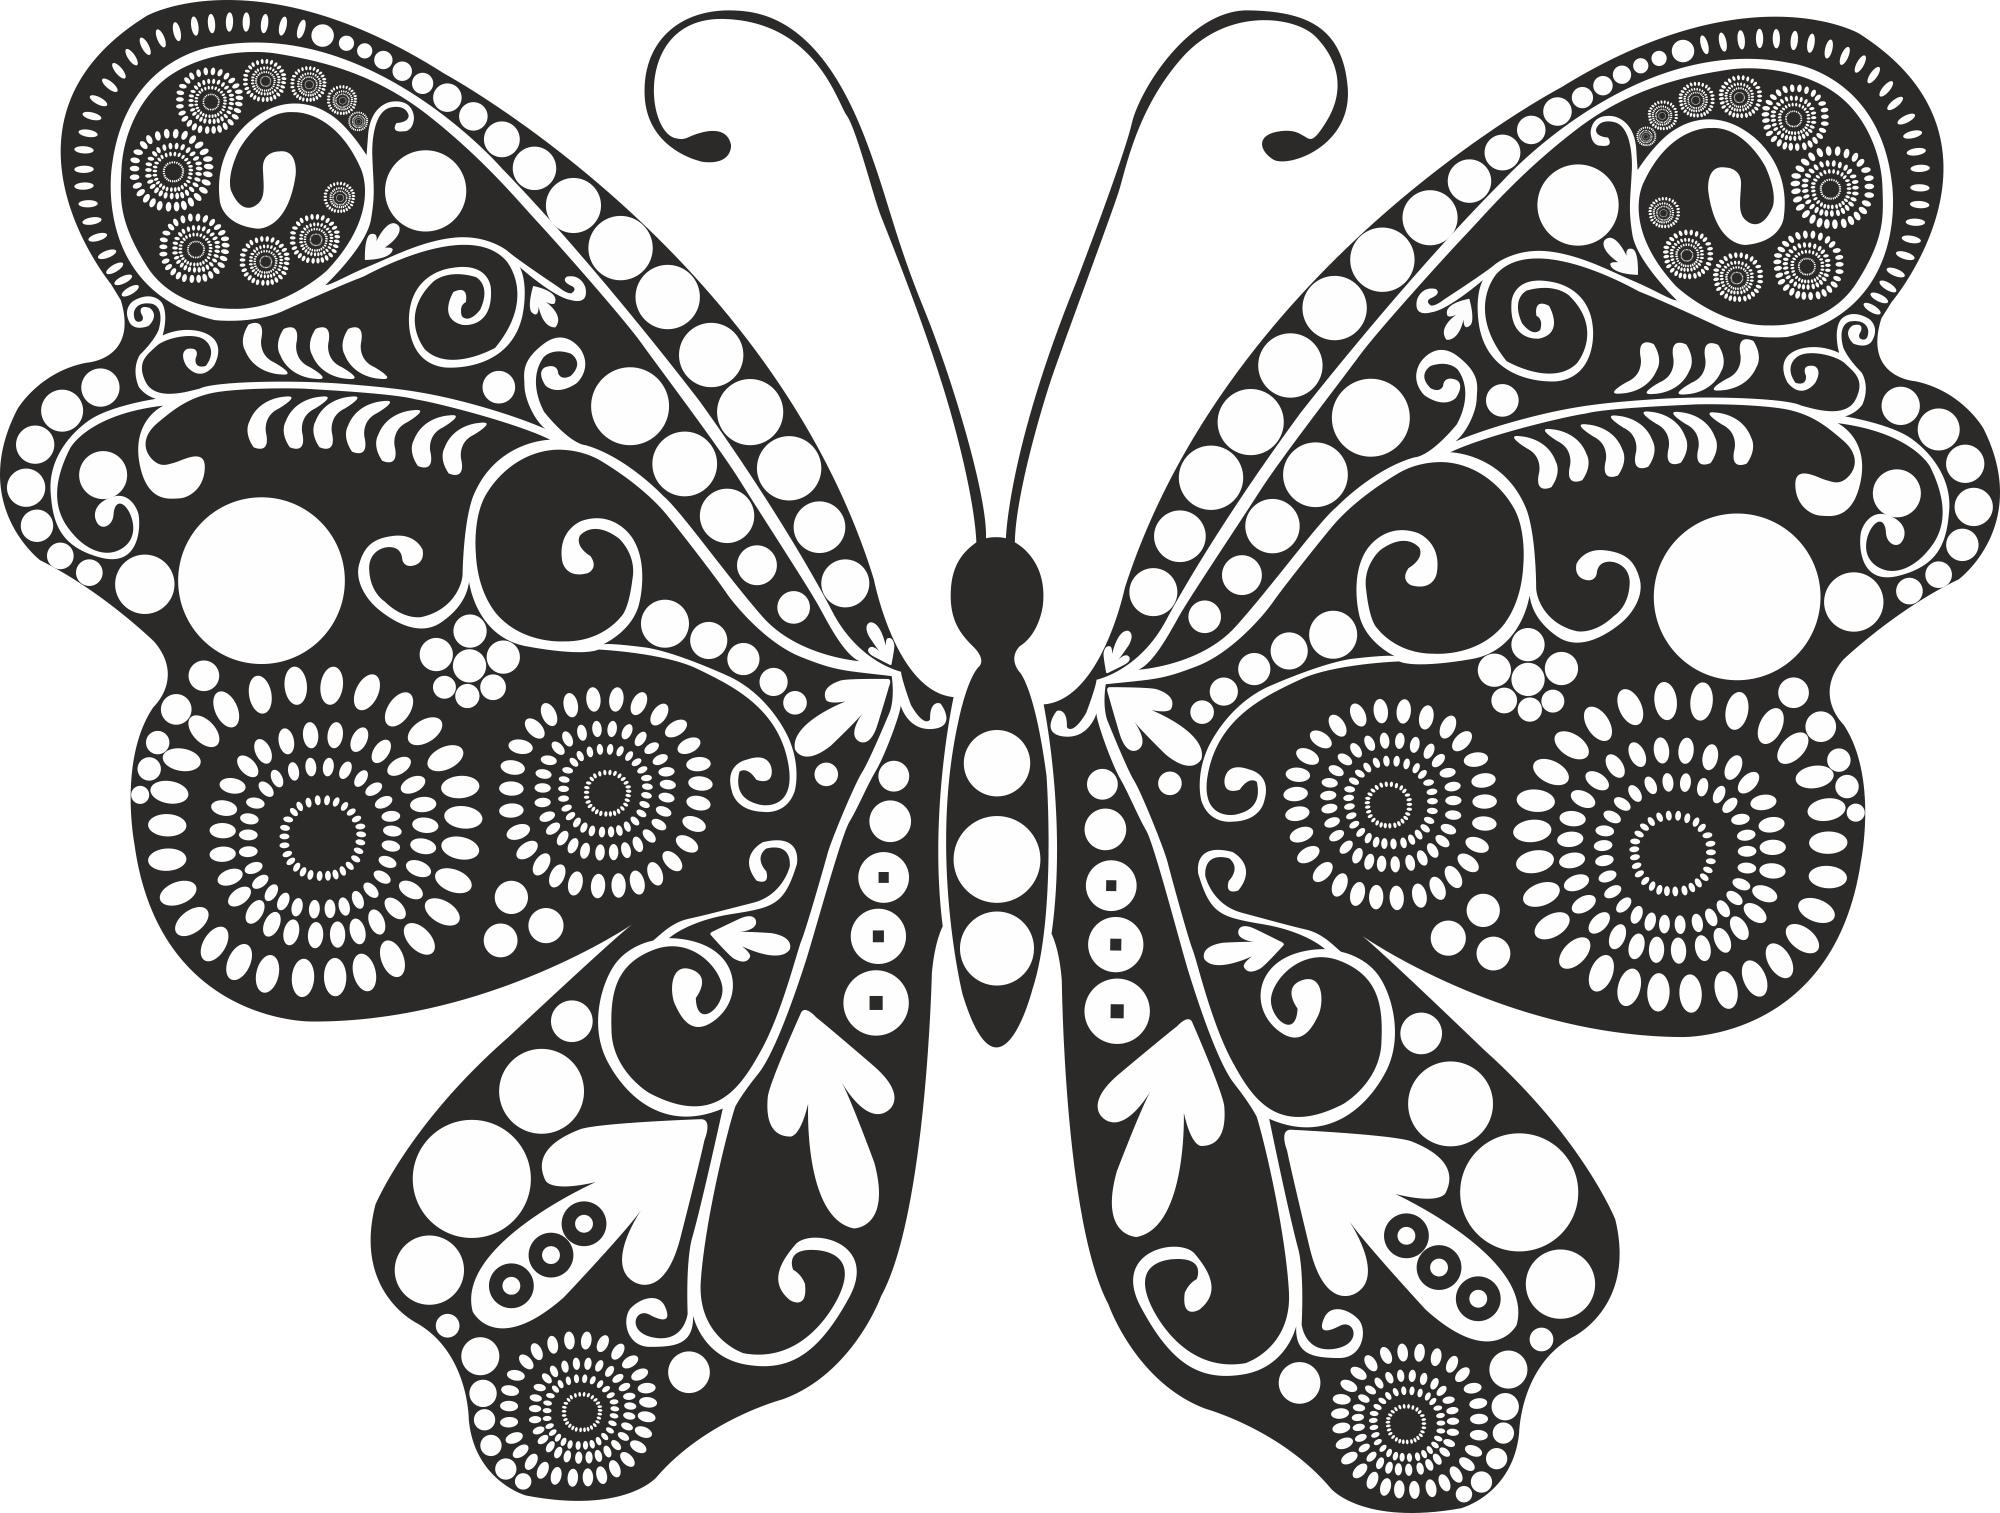 Butterfly Swirl Free Vector